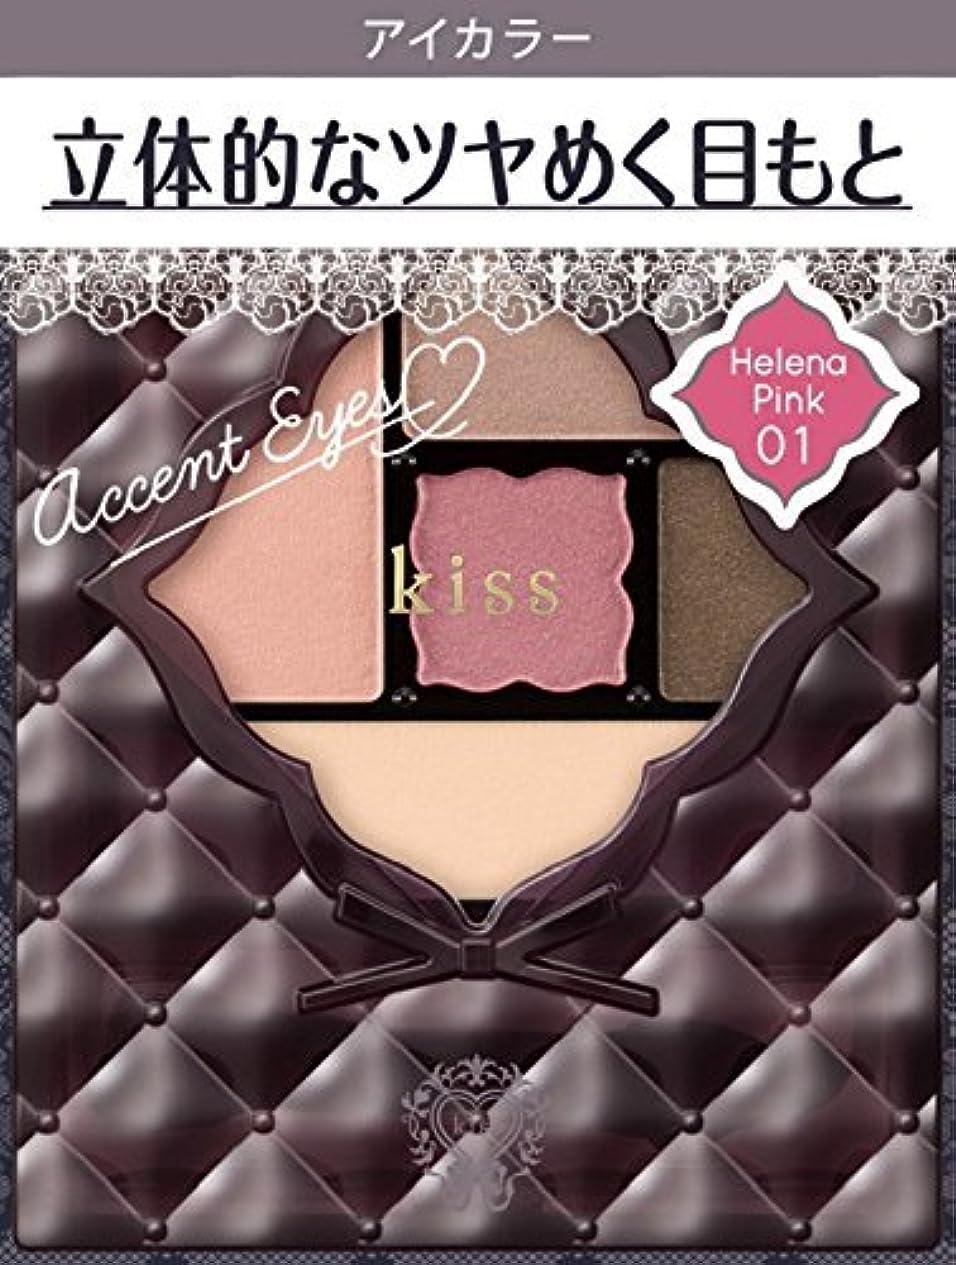 風刺スズメバチ保存するキス アクセントアイズ01 ヘレネーピンク 3.5g